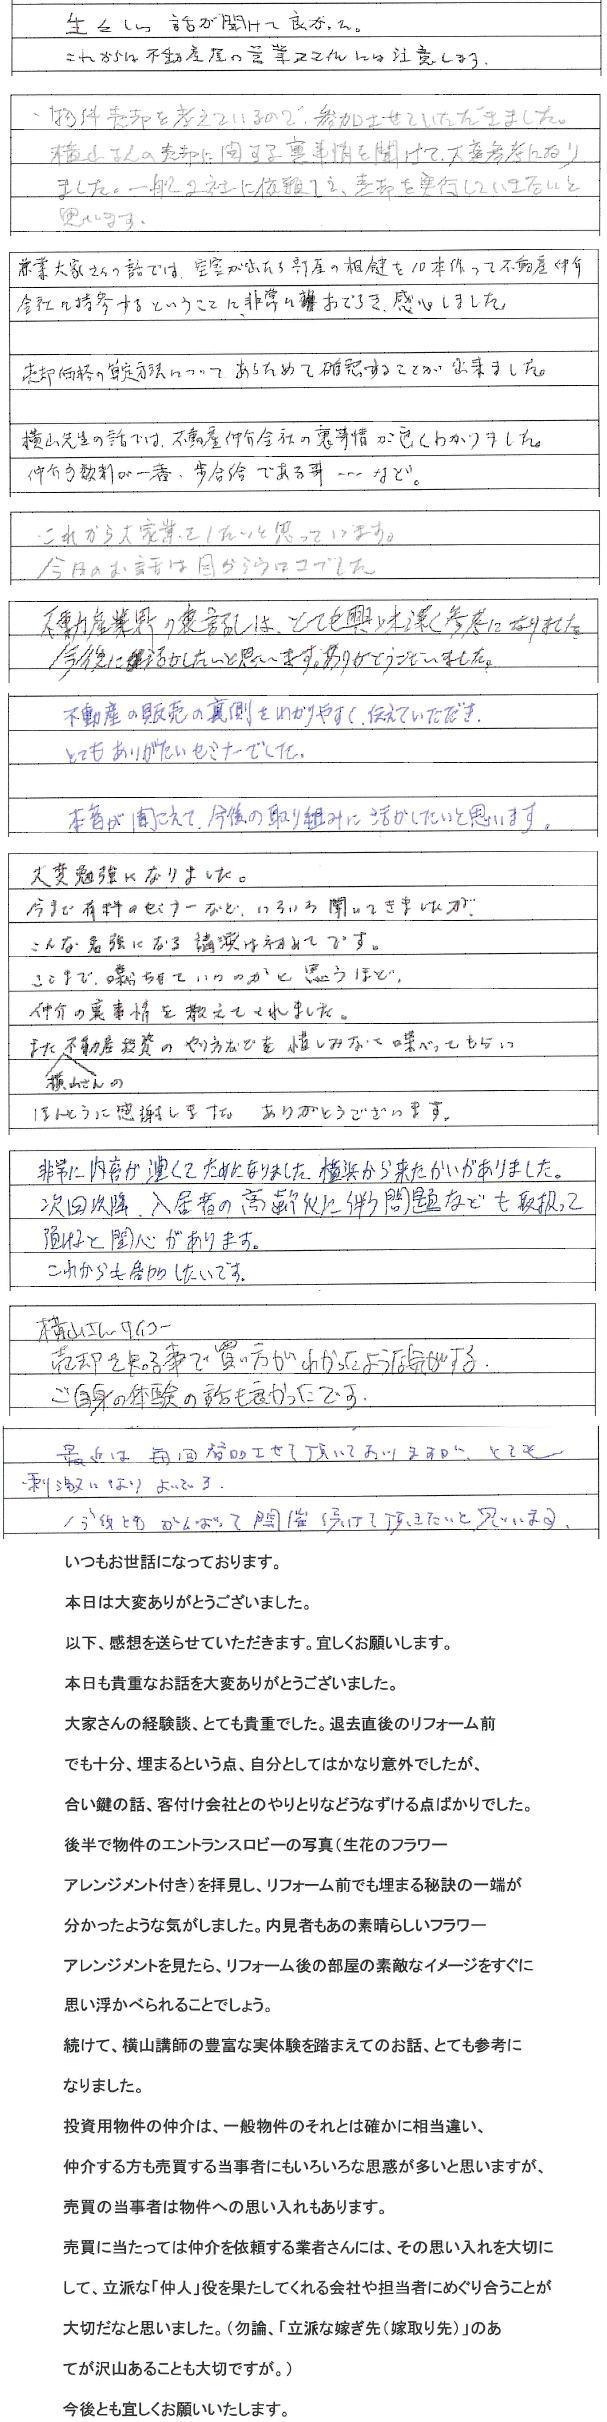 kanso_2013_07_20_2.jpg